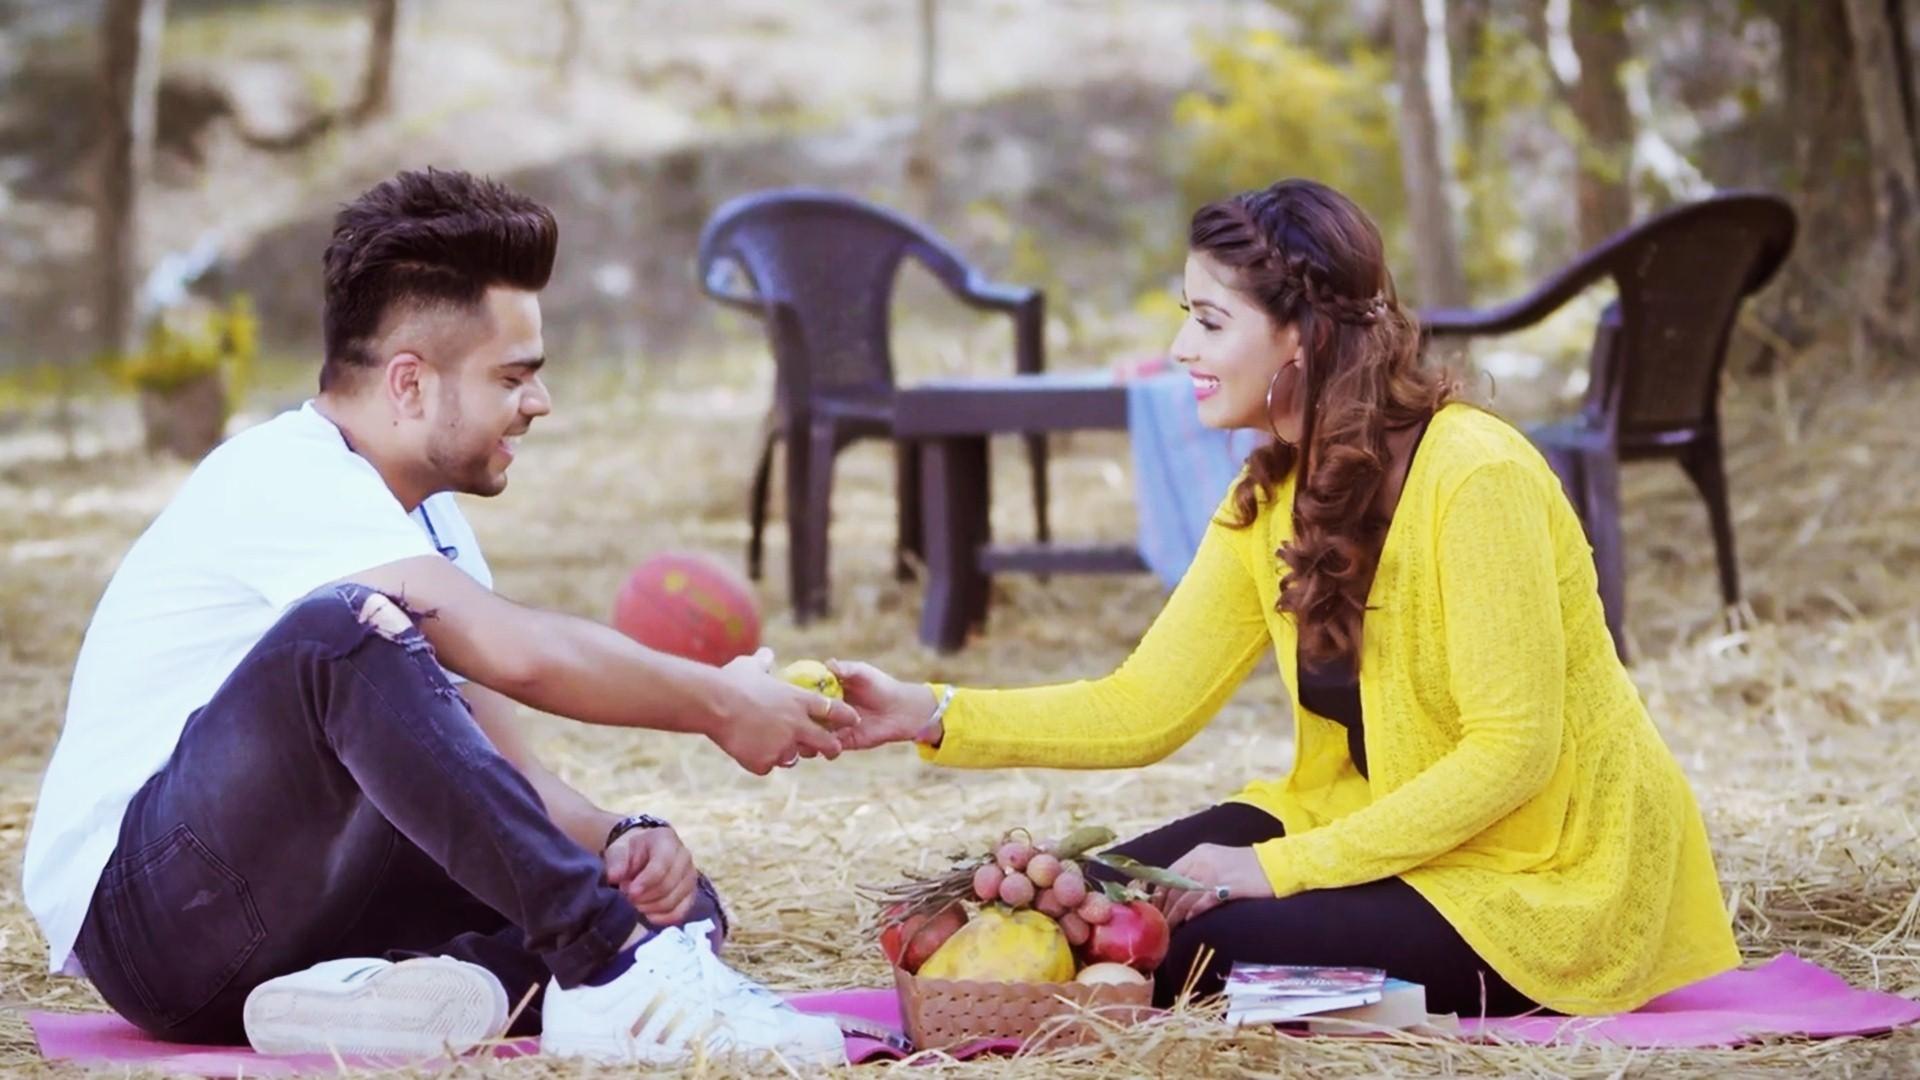 New Punjabi Wallpaper Download Beautiful Punjabi Couple - Cute Baby Love Couples - HD Wallpaper